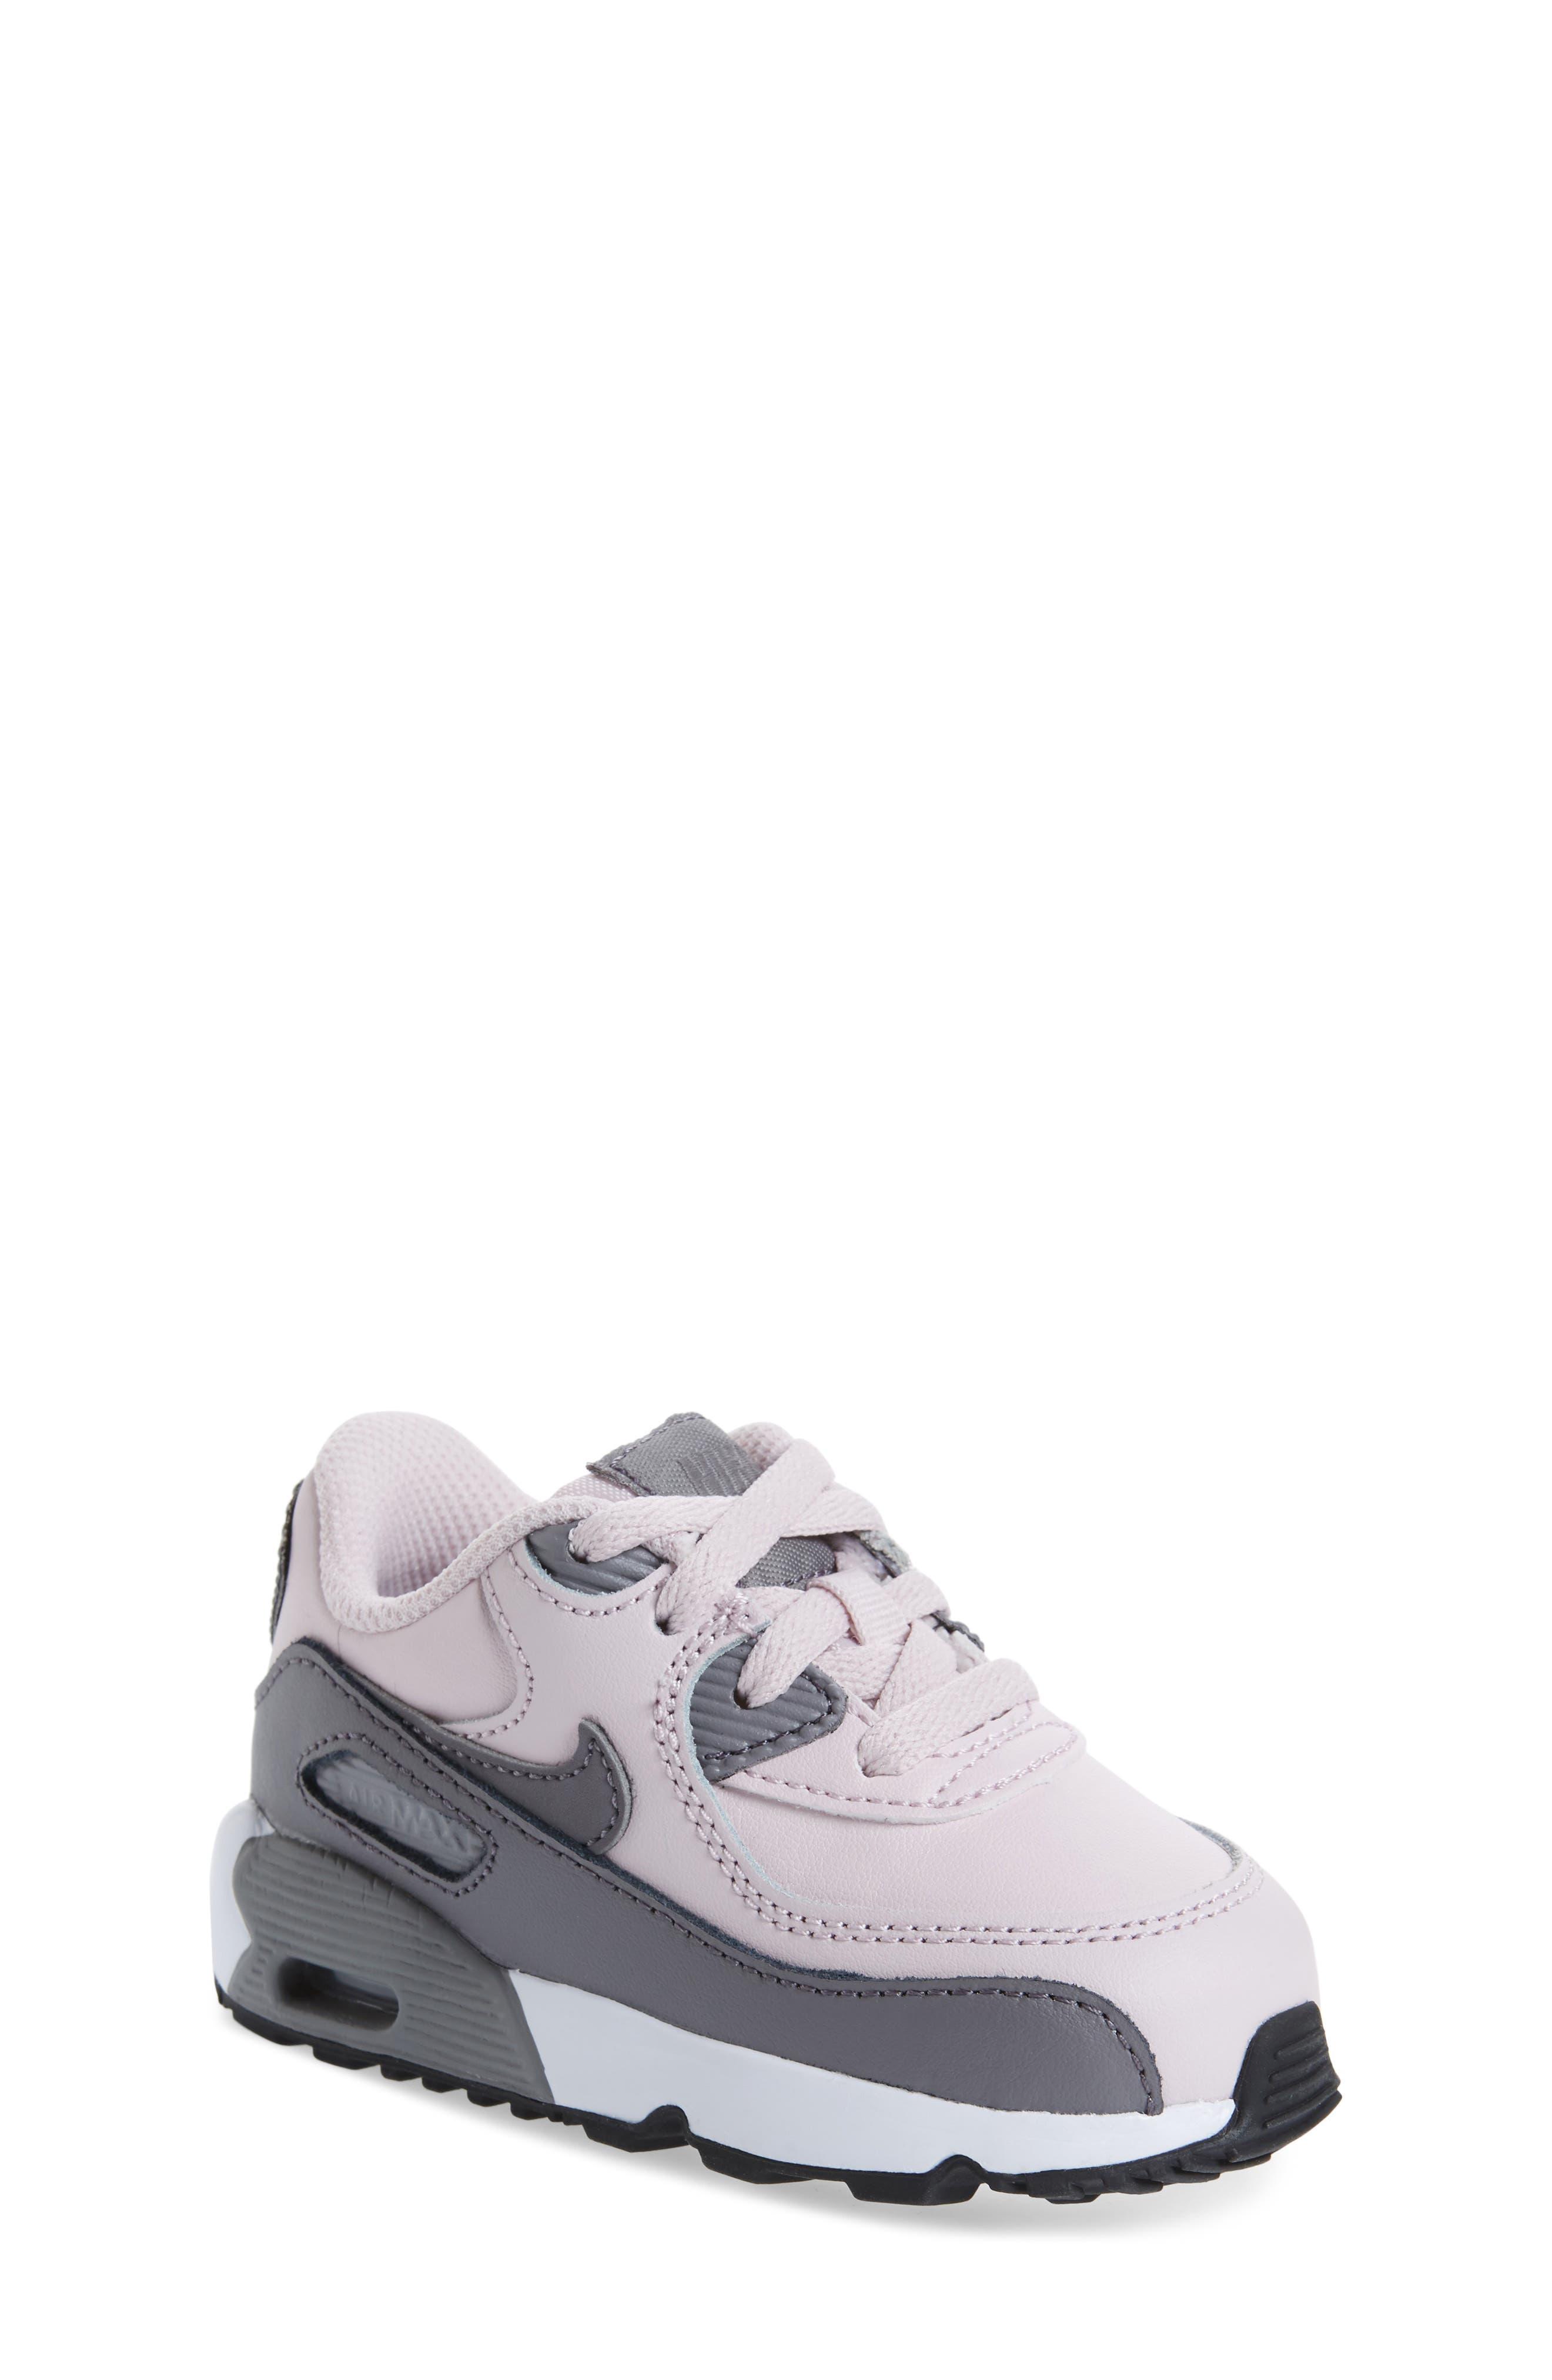 Alternate Image 1 Selected - Nike 'Air Max 90' Sneaker (Baby, Walker, Toddler, Little Kid & Big Kid)